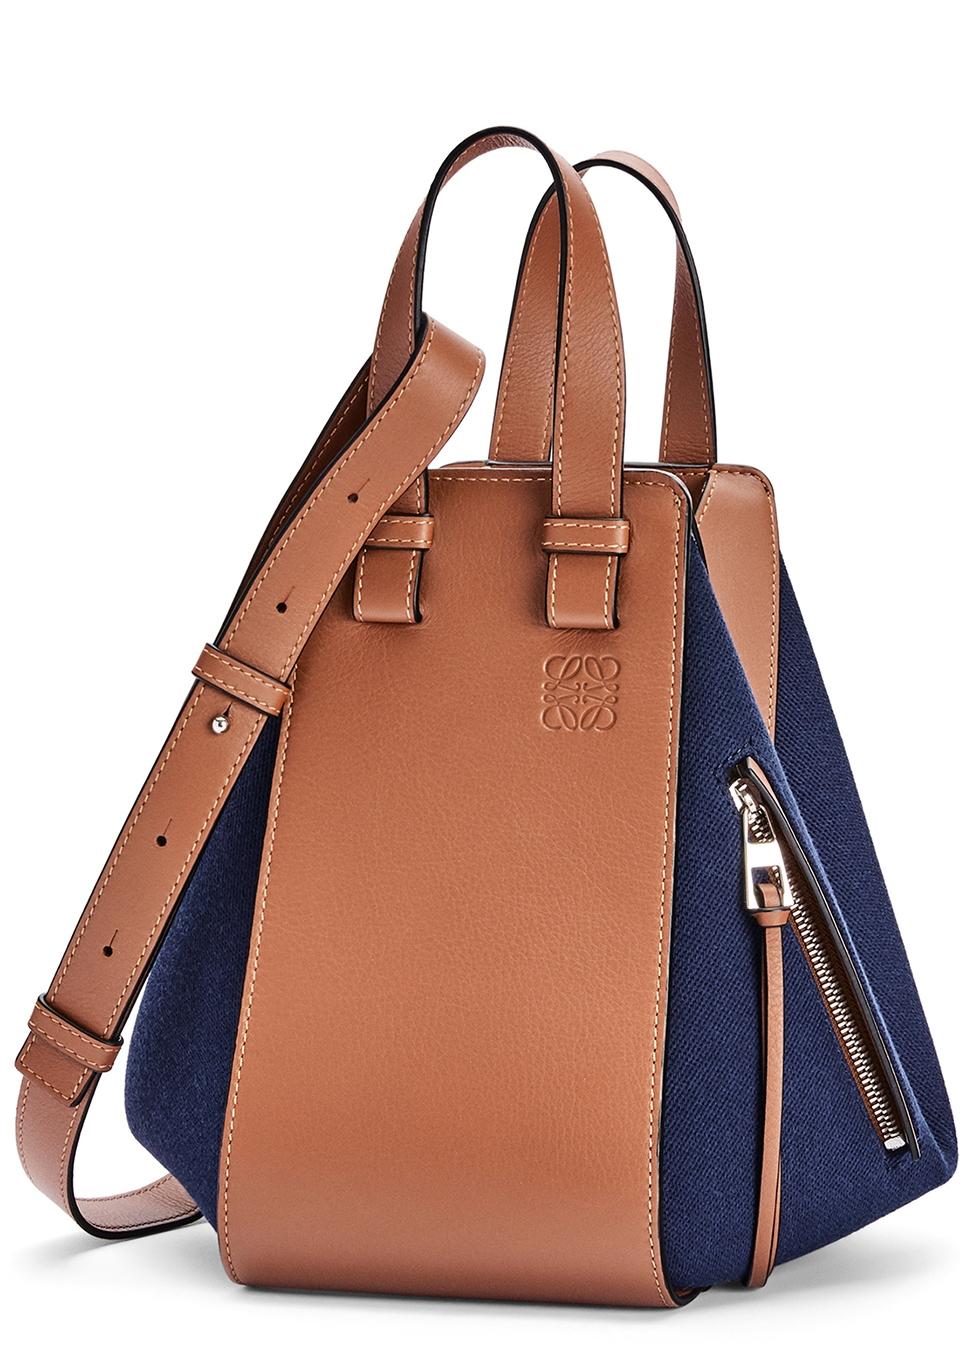 X Paula's Ibiza Hammock small panelled shoulder bag